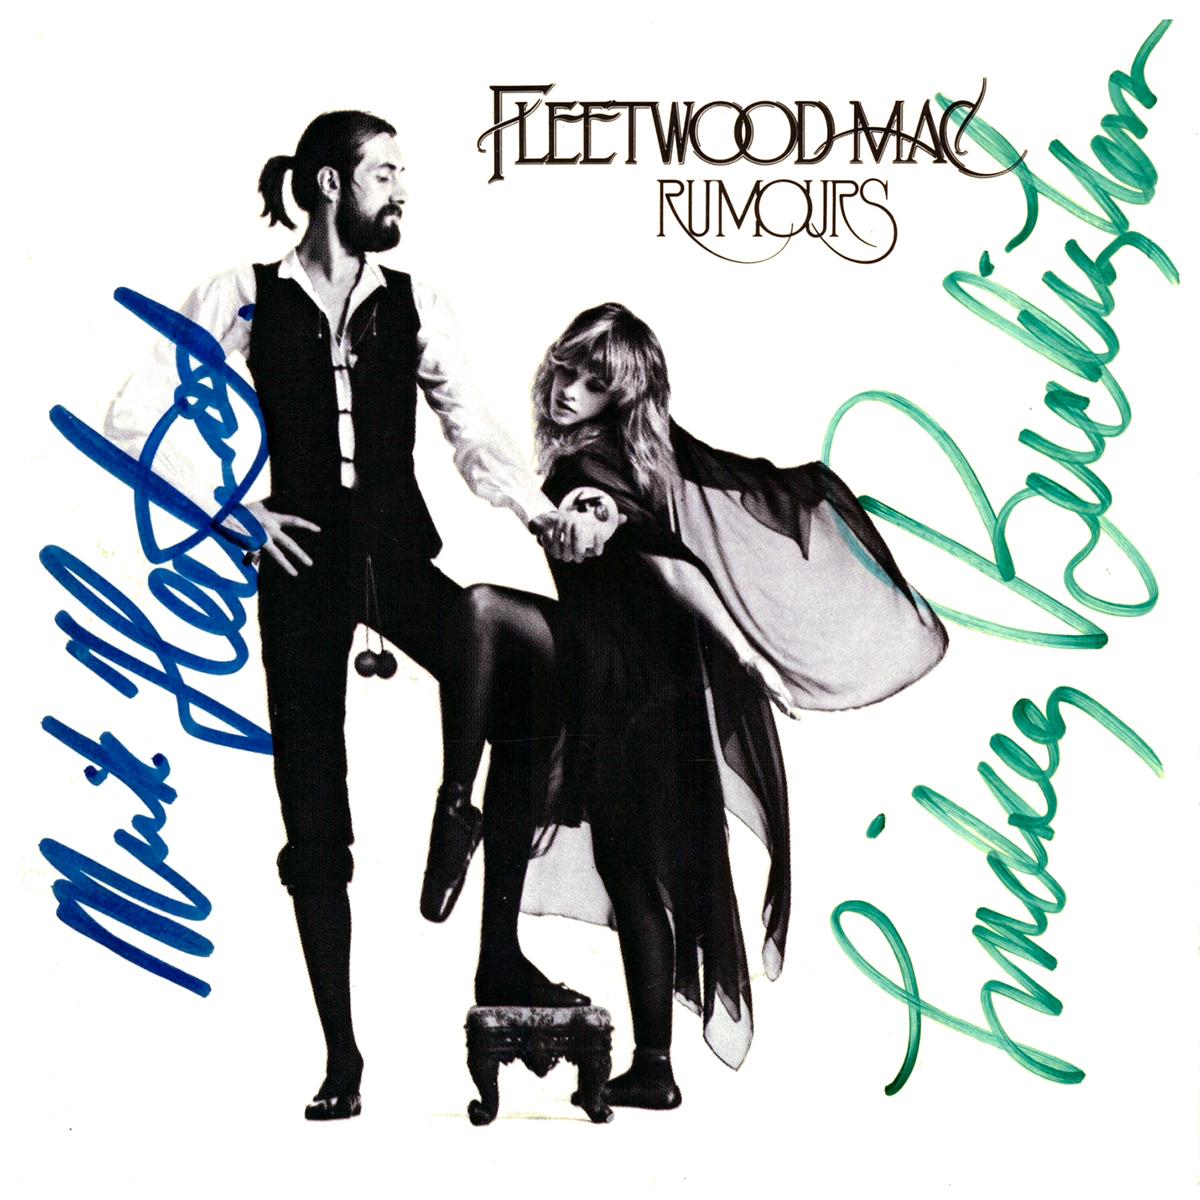 CD Cover - Fleetwood Mac - Rumors #3